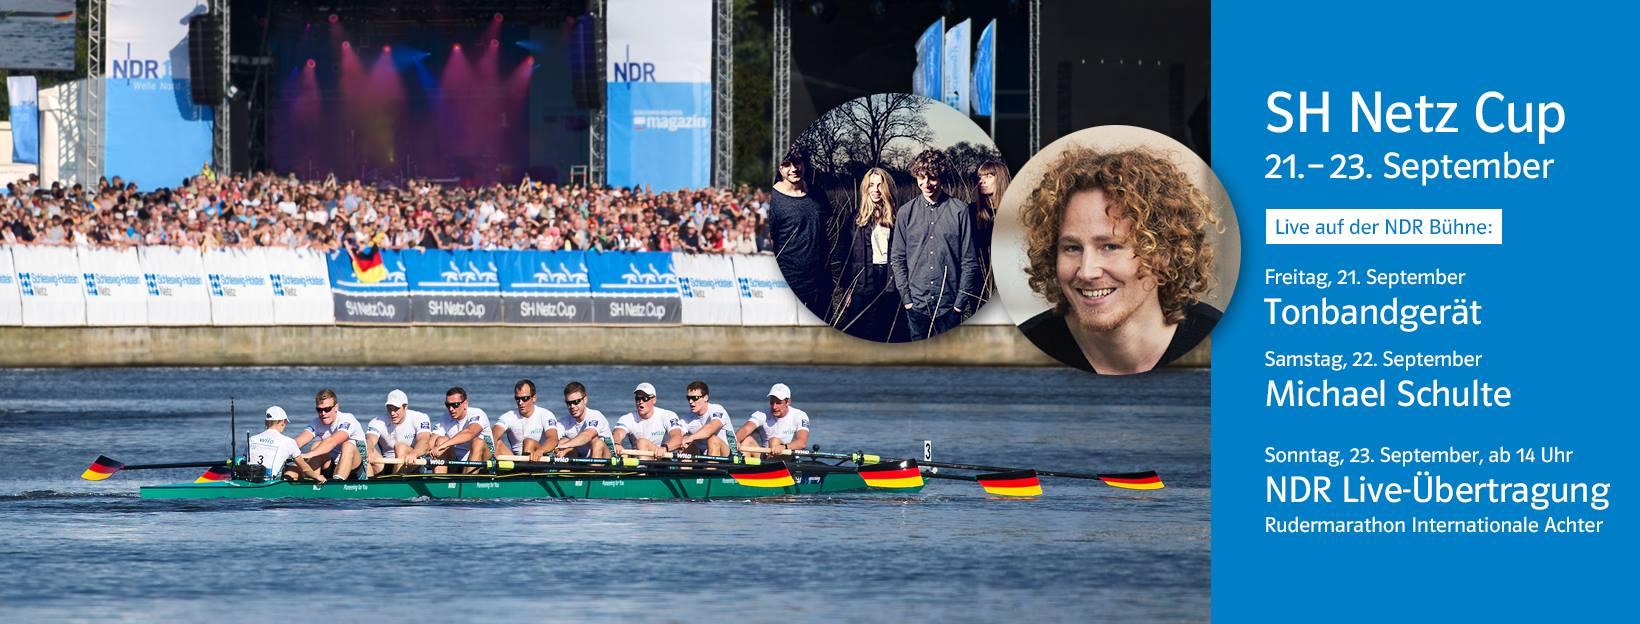 SH Netz Cup 2018: NDR 1 Welle Nord und Schleswig-Holstein Magazin mit Michael Schulte und TONBANDGERÄT